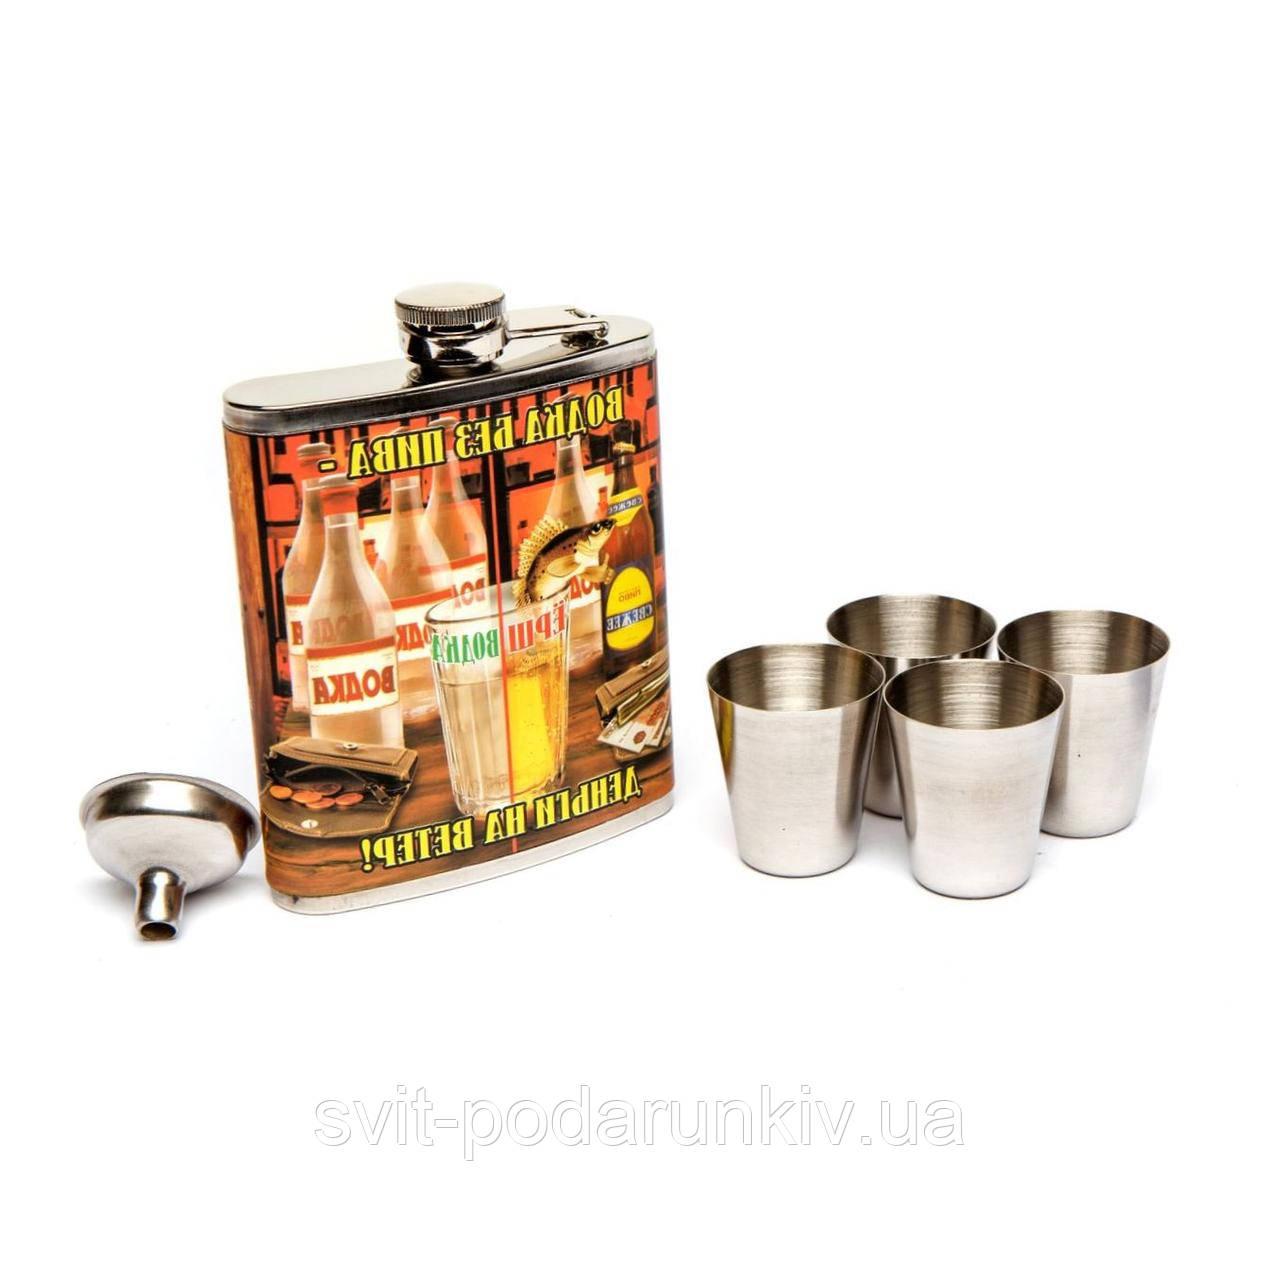 Подарочная фляга для алкоголя стаканы 4 шт воронка AS148-4